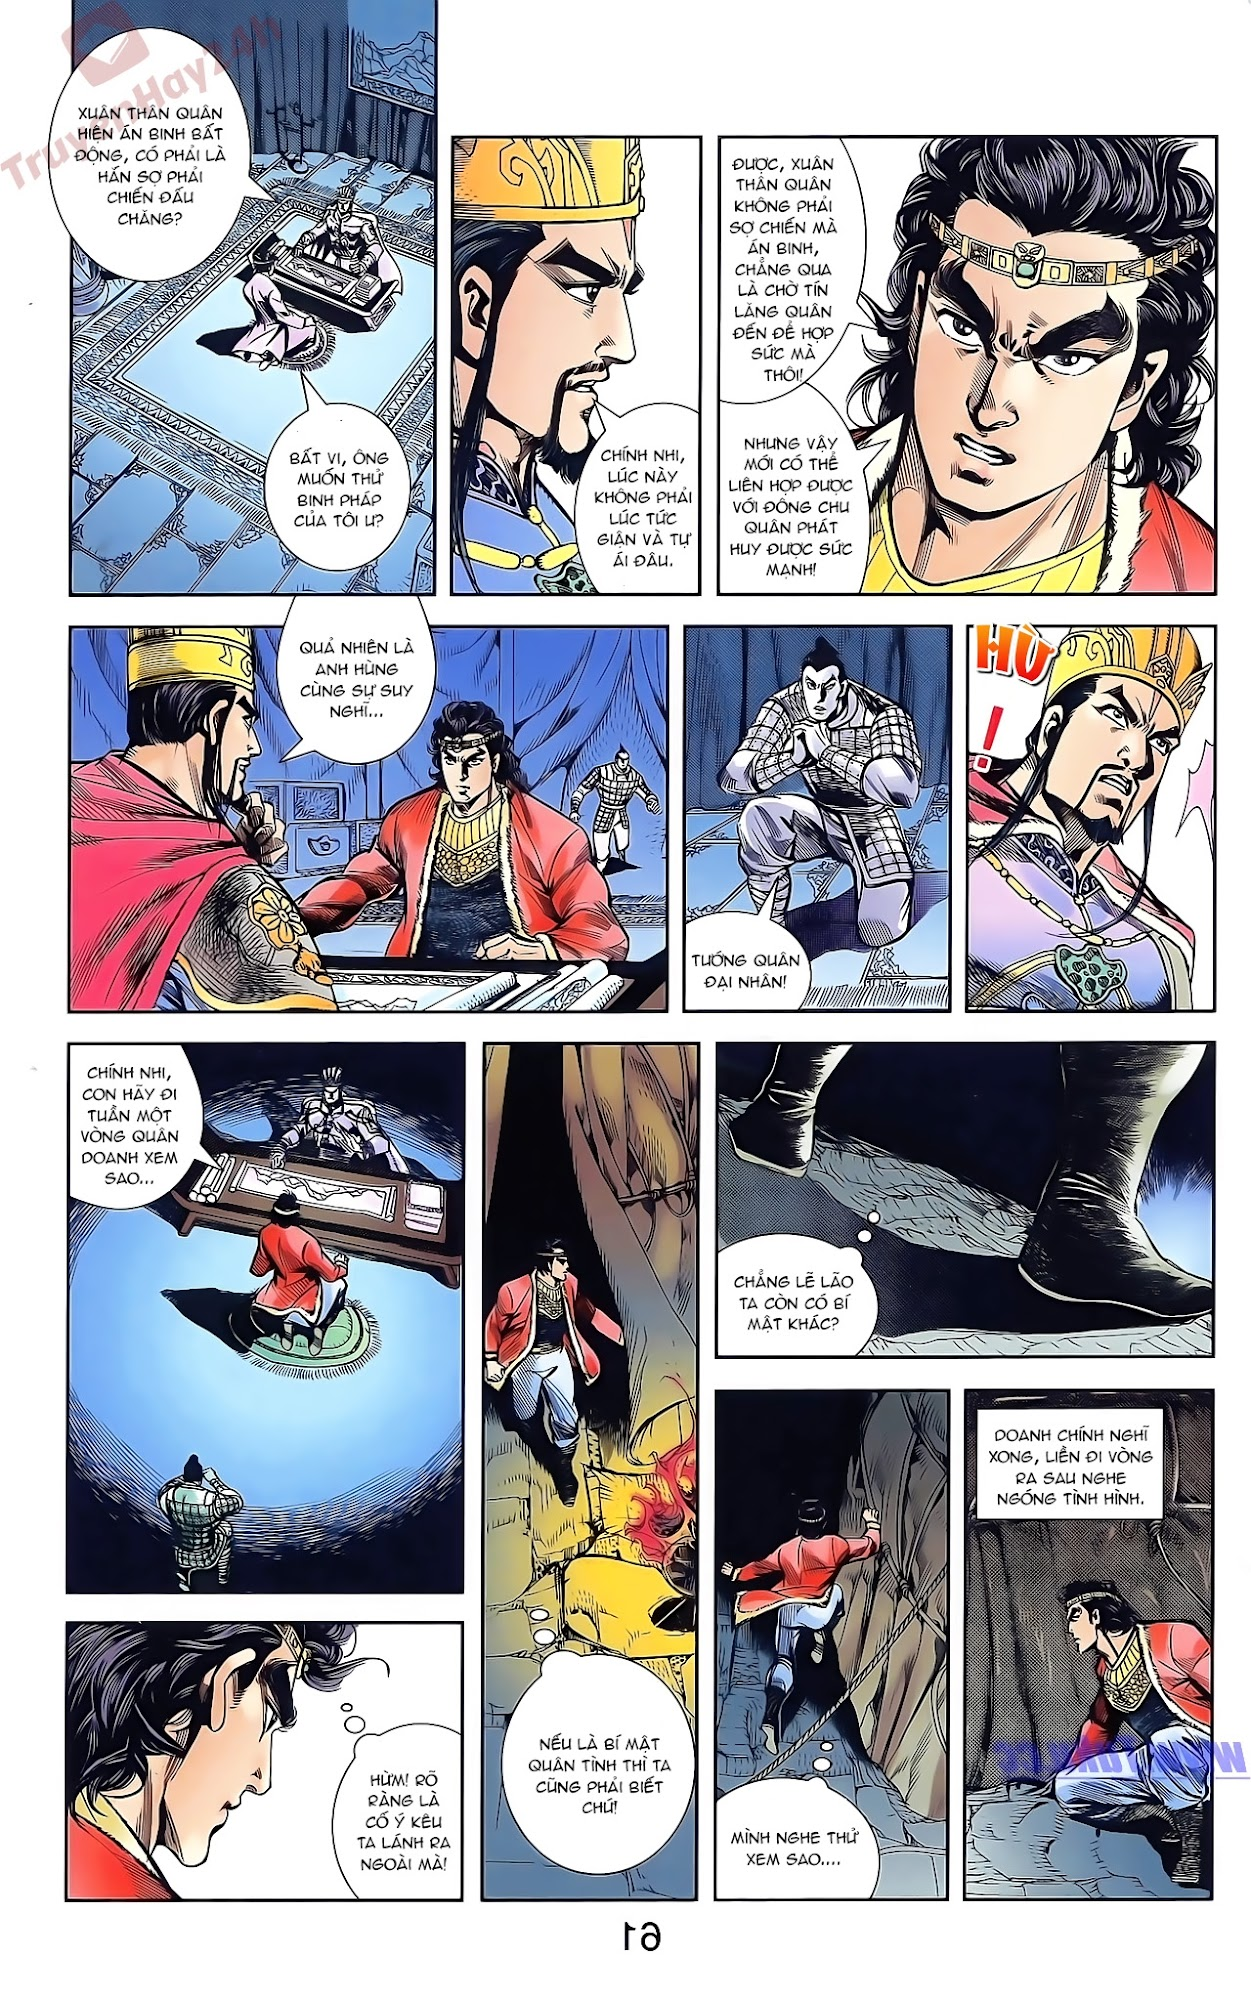 Tần Vương Doanh Chính chapter 44 trang 13